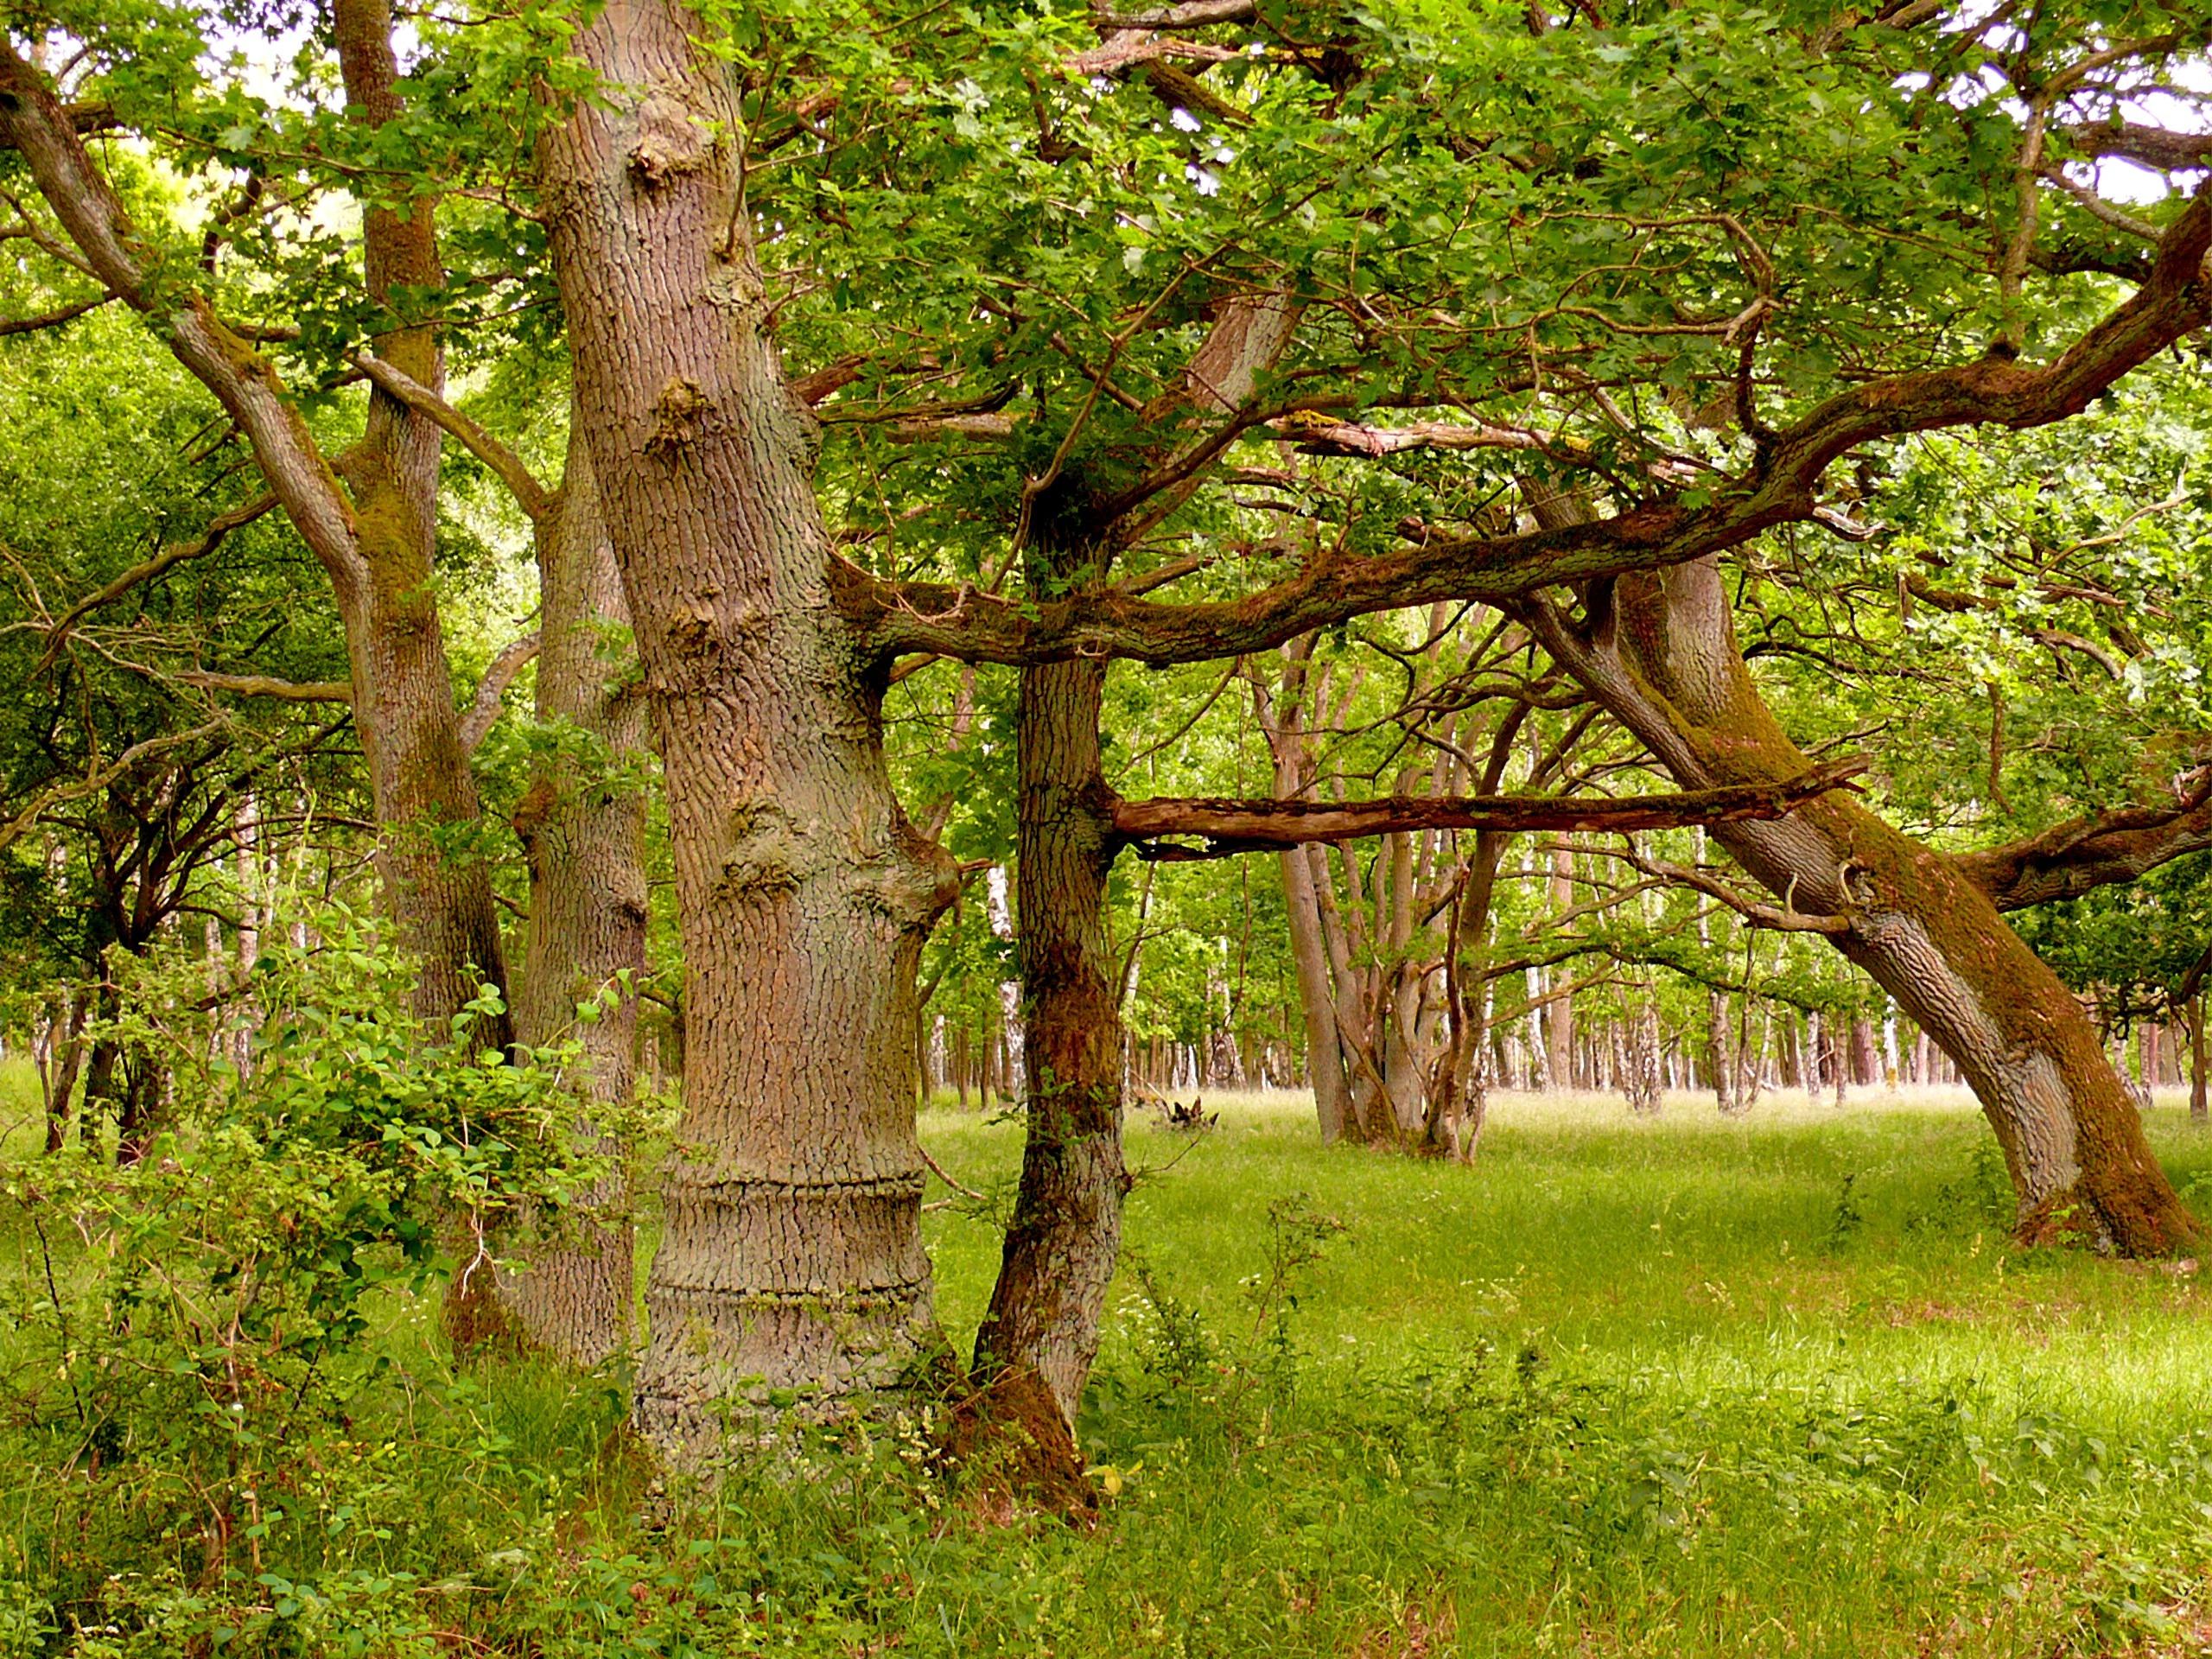 Images gratuites paysage arbre la nature for t - Arbres a feuilles caduques ...